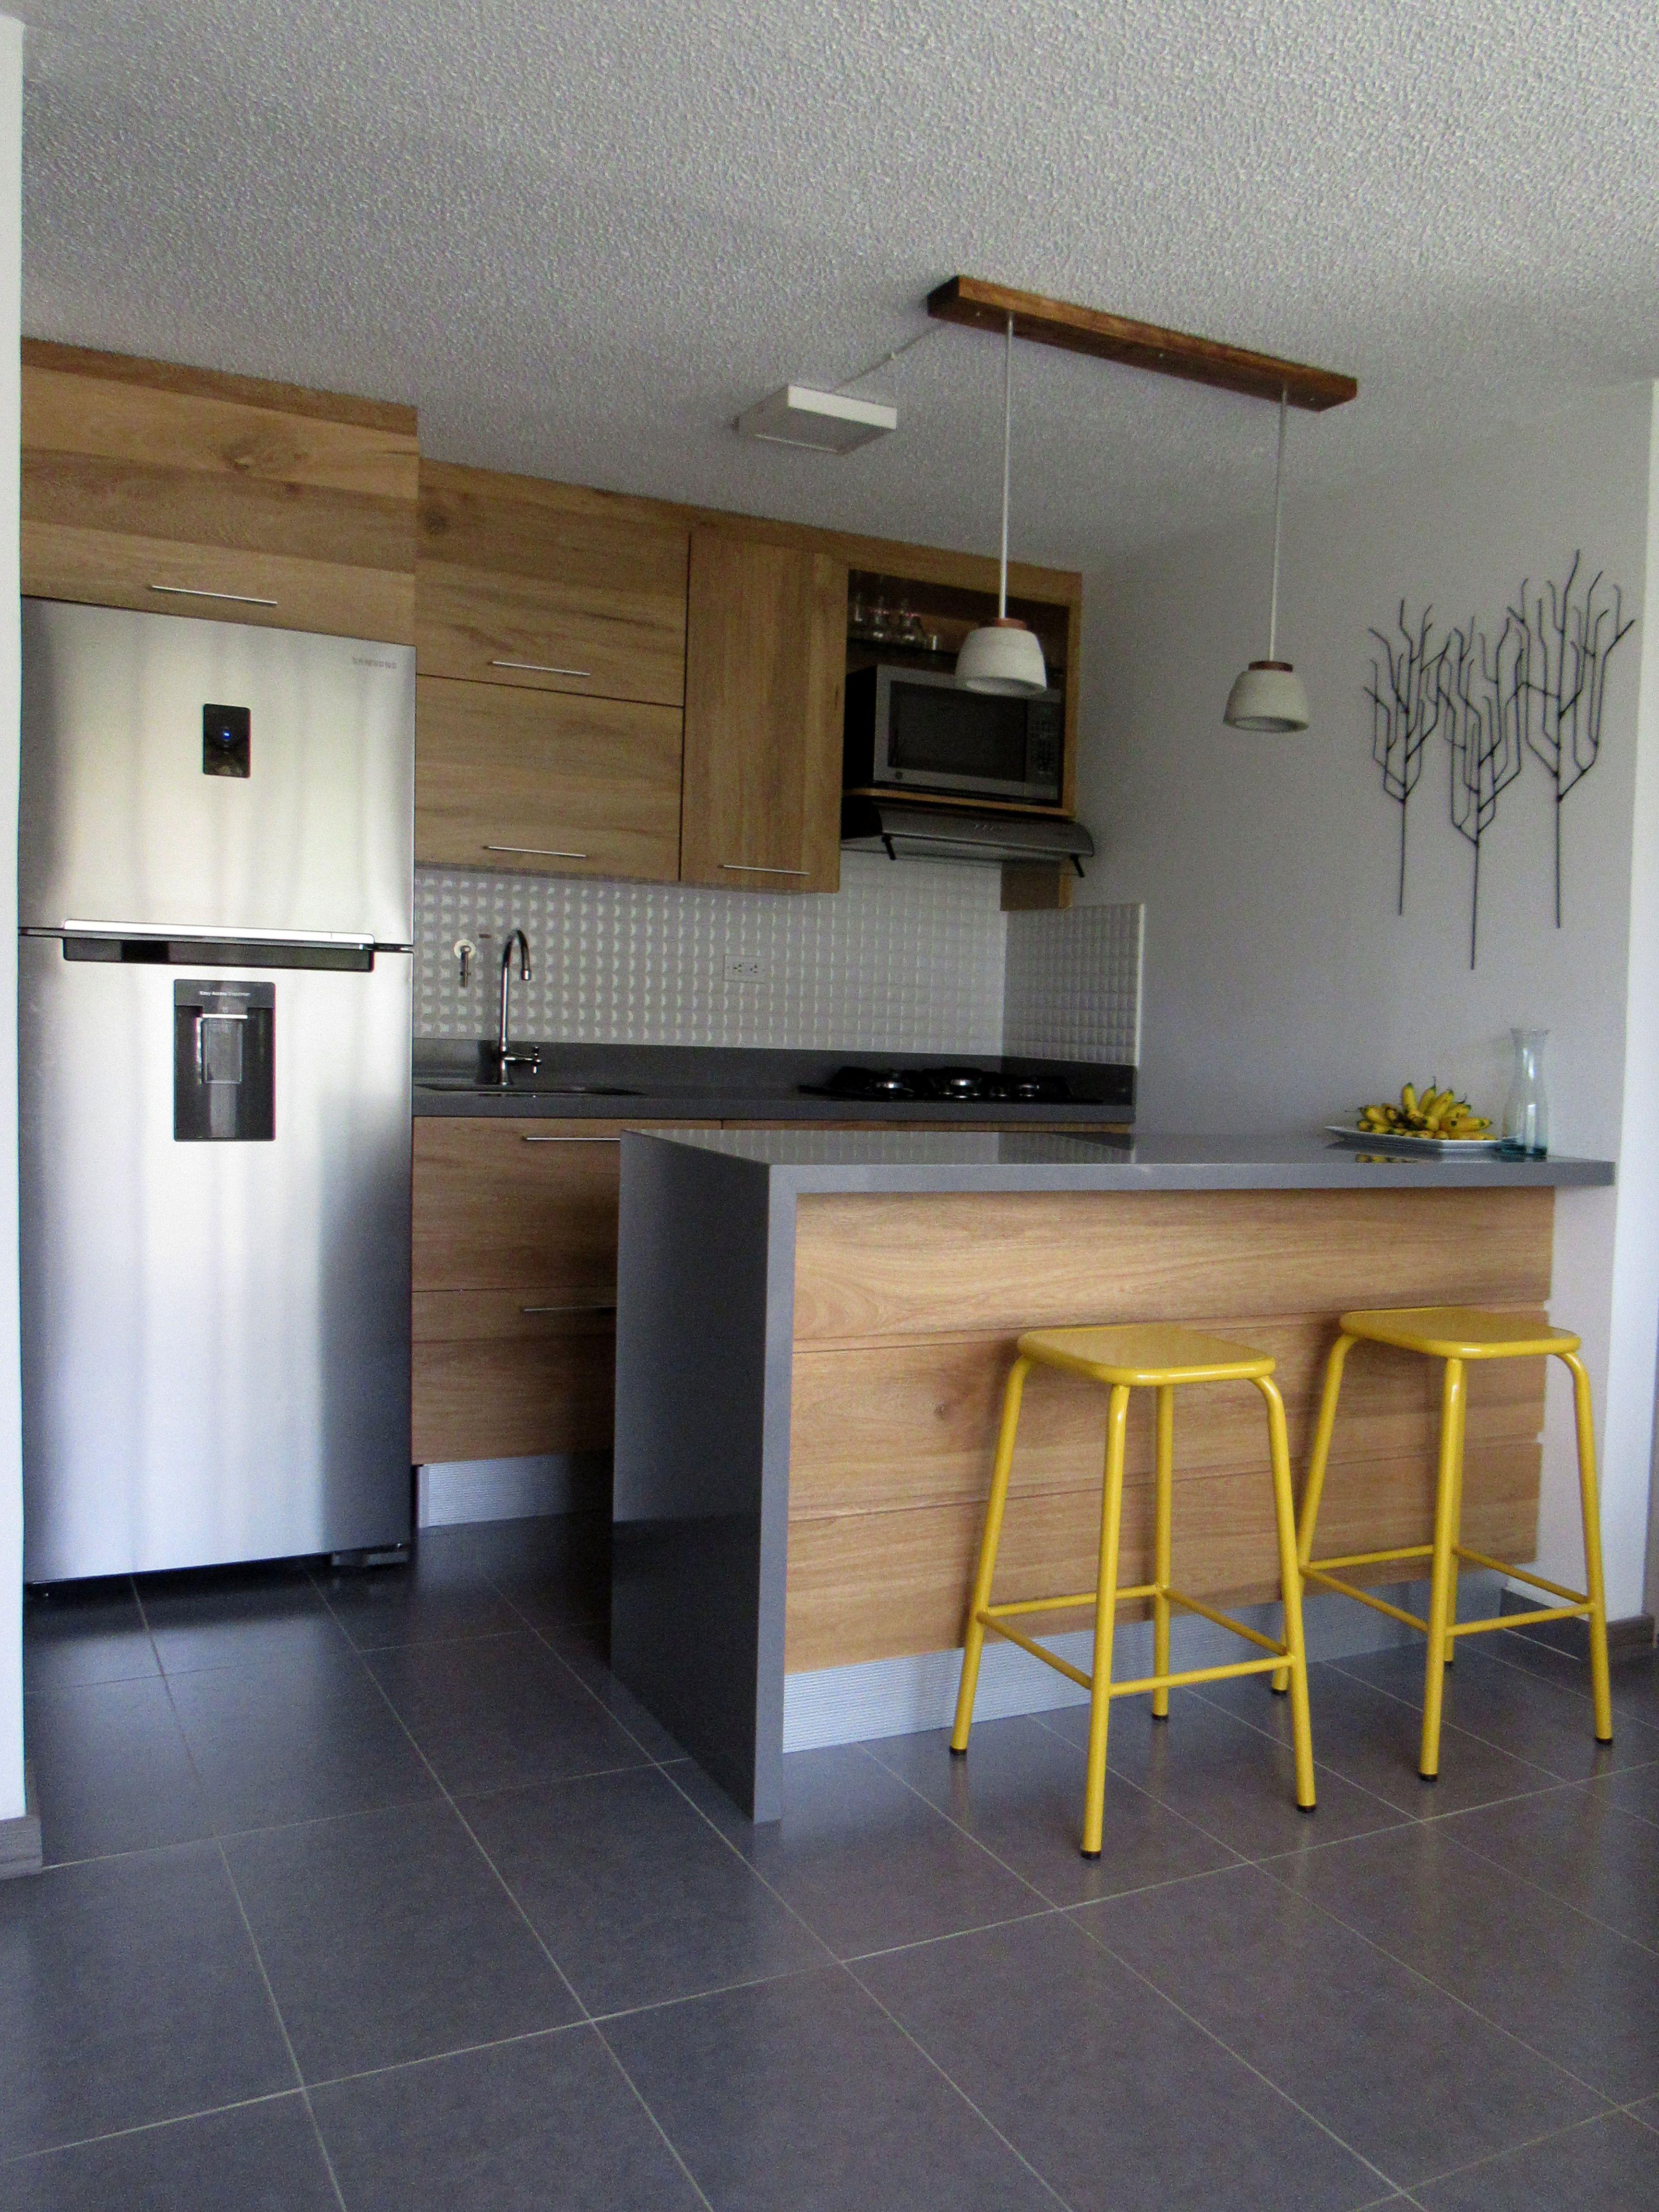 Cocina para apartamento en itag antioquia ajustada a for Diseno de interiores de cocinas pequenas modernas